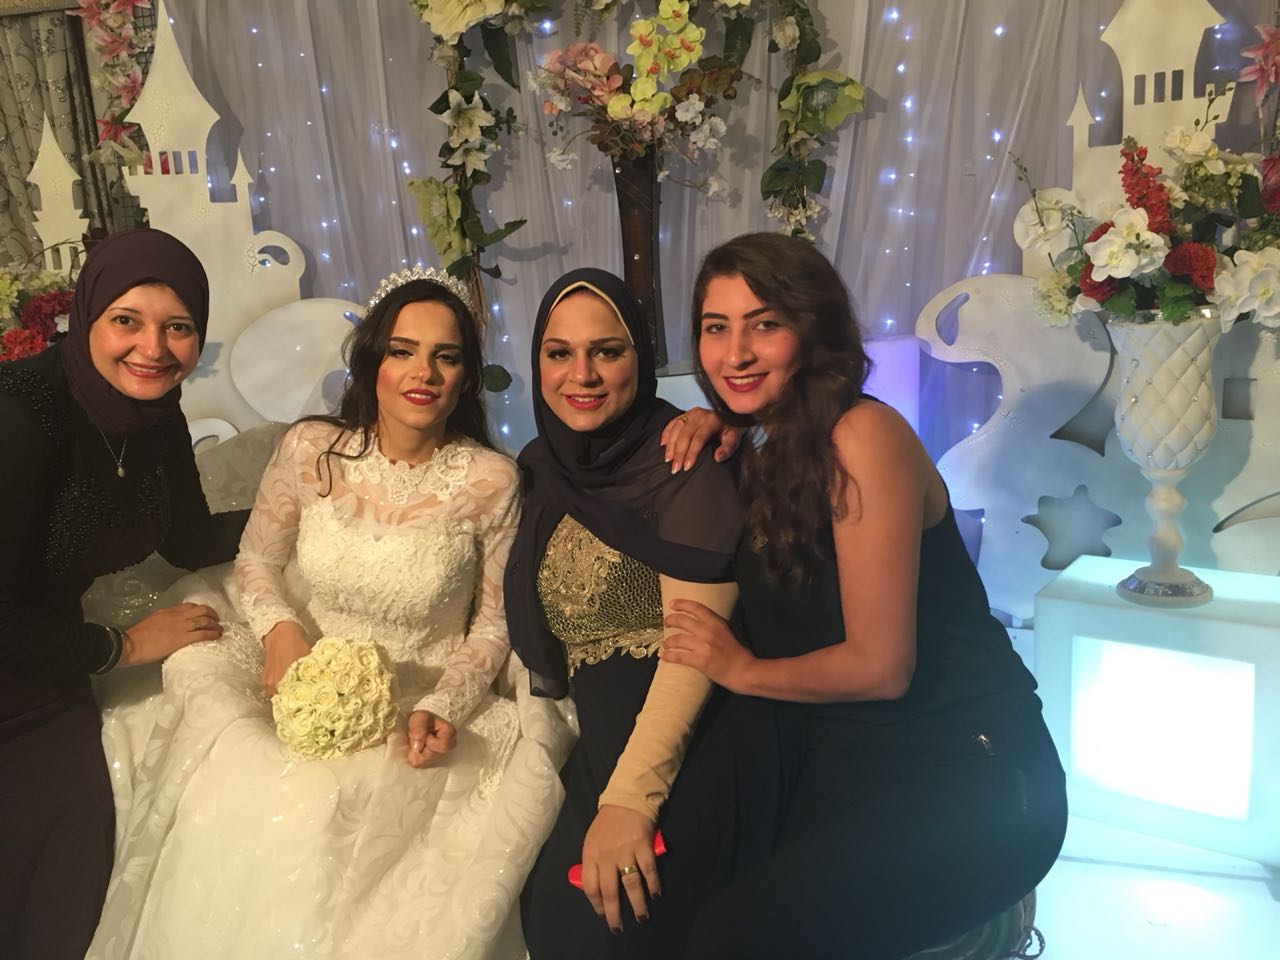 العروسة مع شقيقتها وأصدقائها